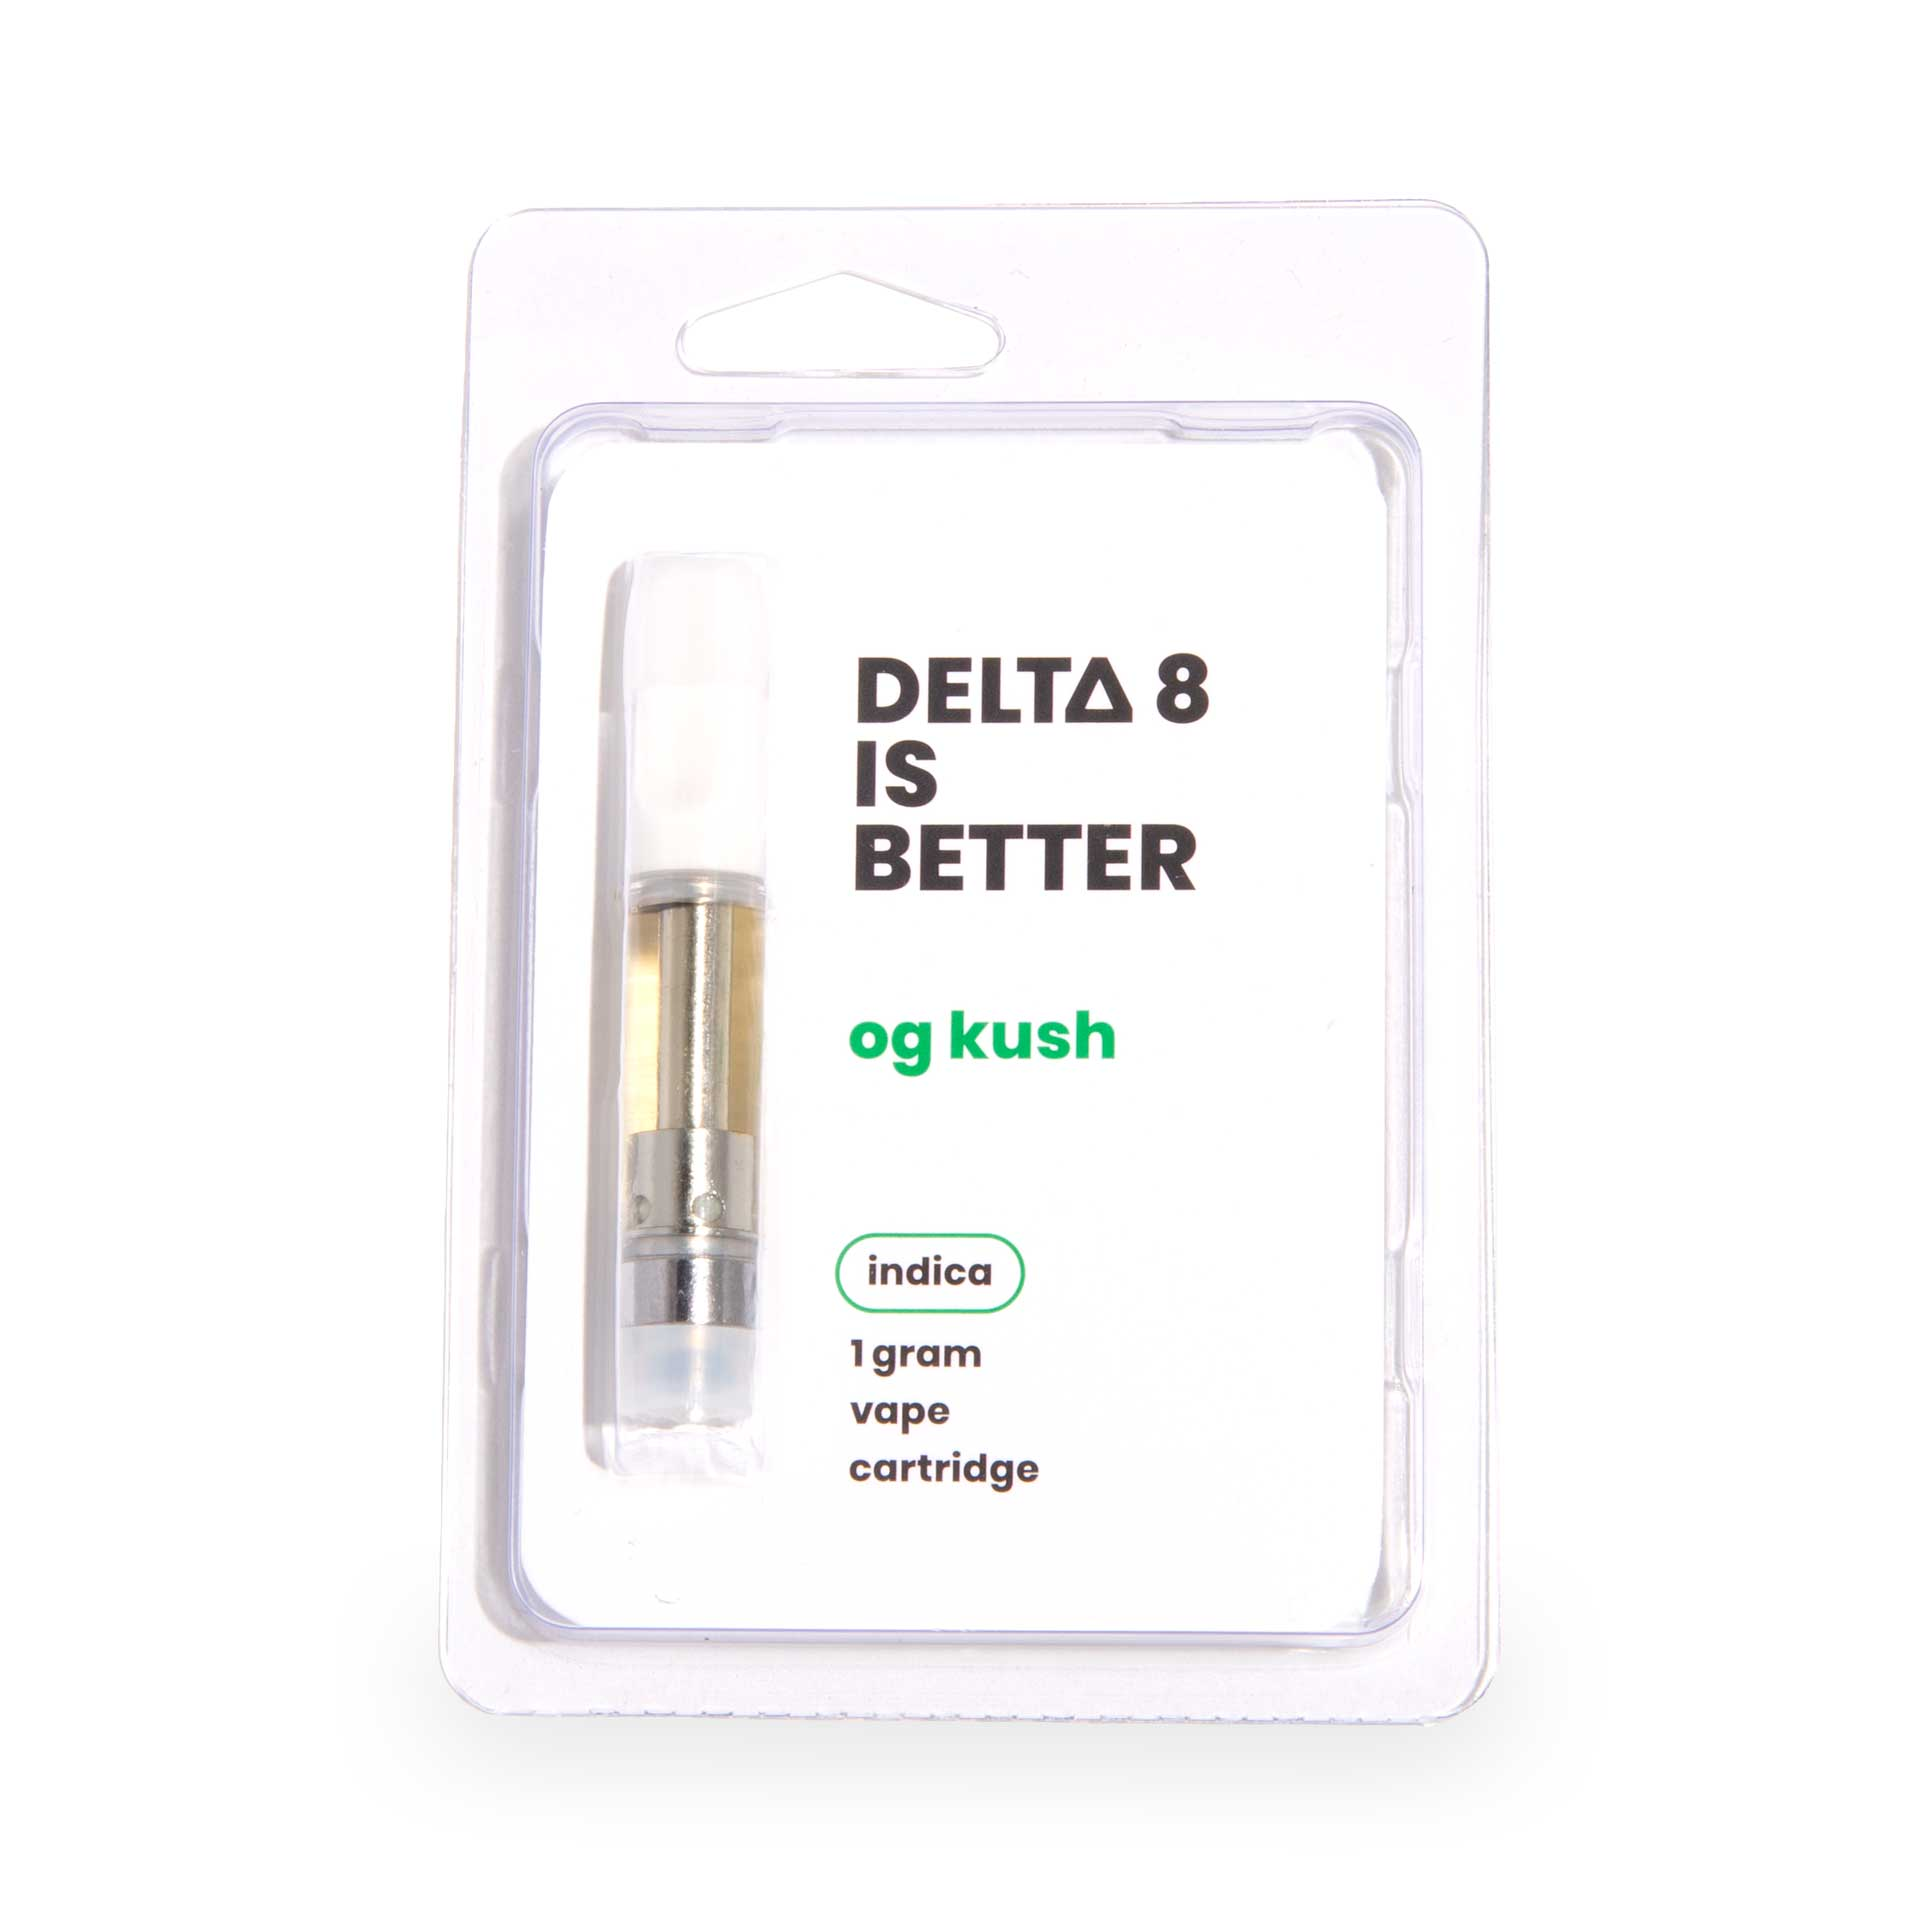 DELTA 8 IS BETTER 1g Vape Cartridge OG Kush